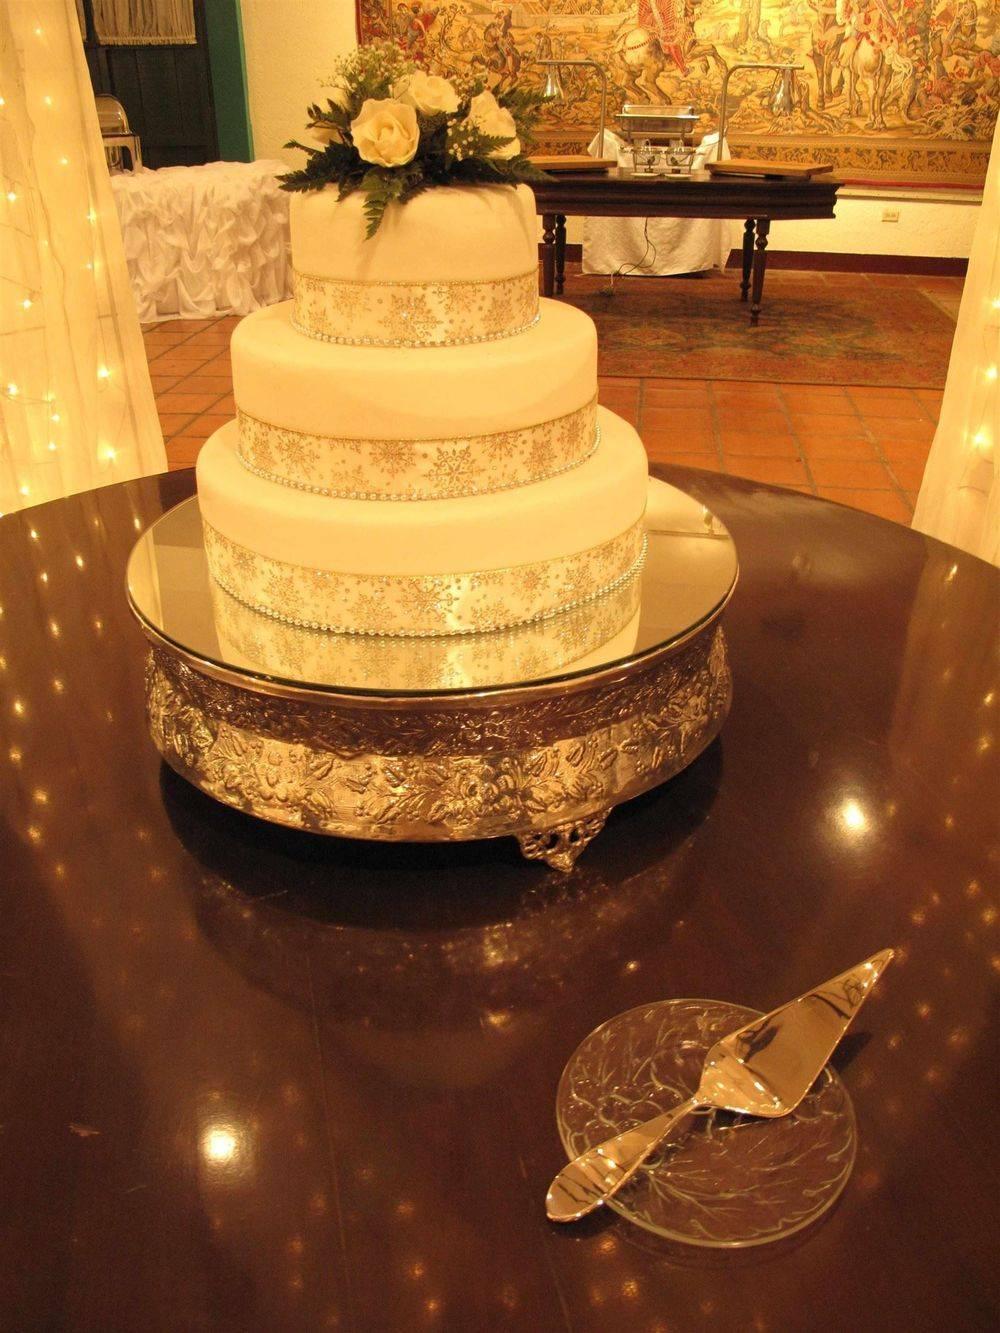 Fondant Cake Weddings in San Juan del Sur, Nicaragua - www.WeddingsNicaragua.com